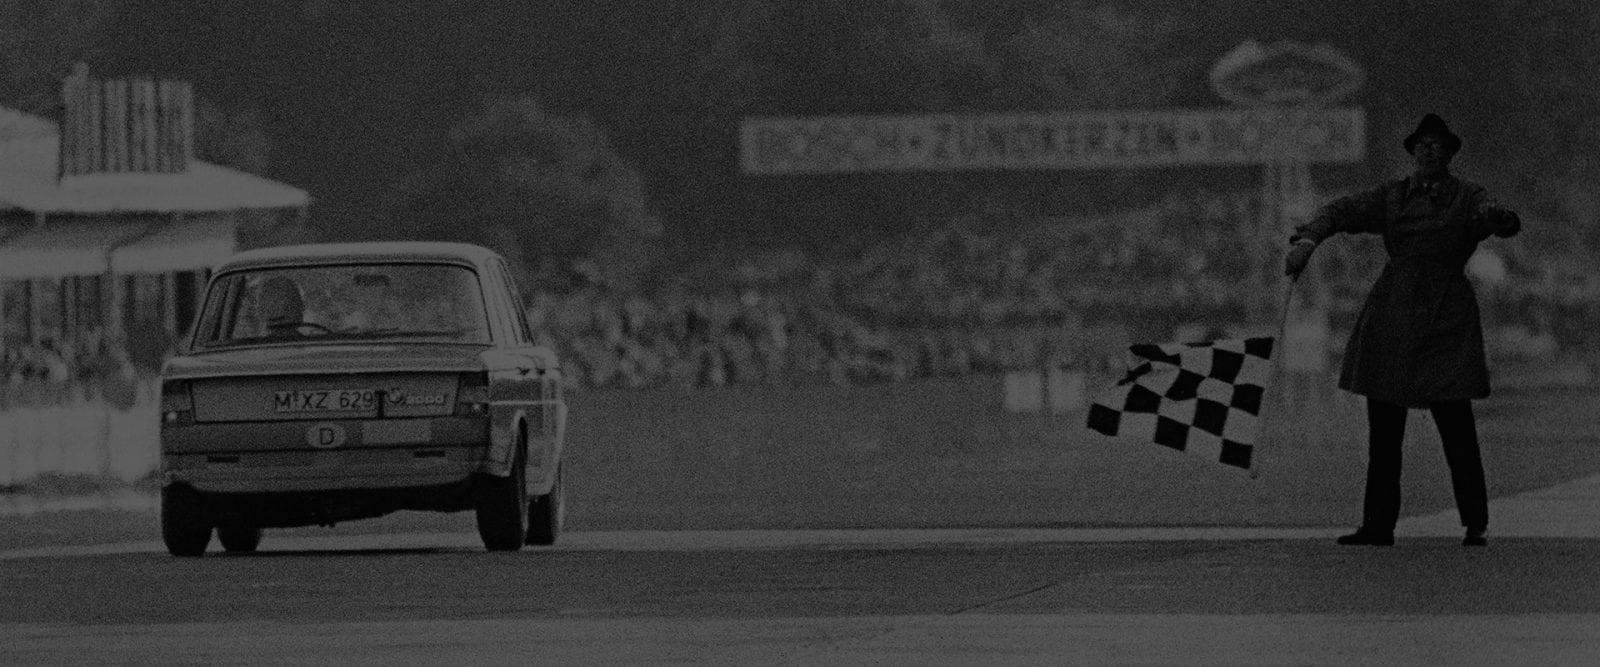 Adrenalin The Film - фото из истории BMW M в DTM